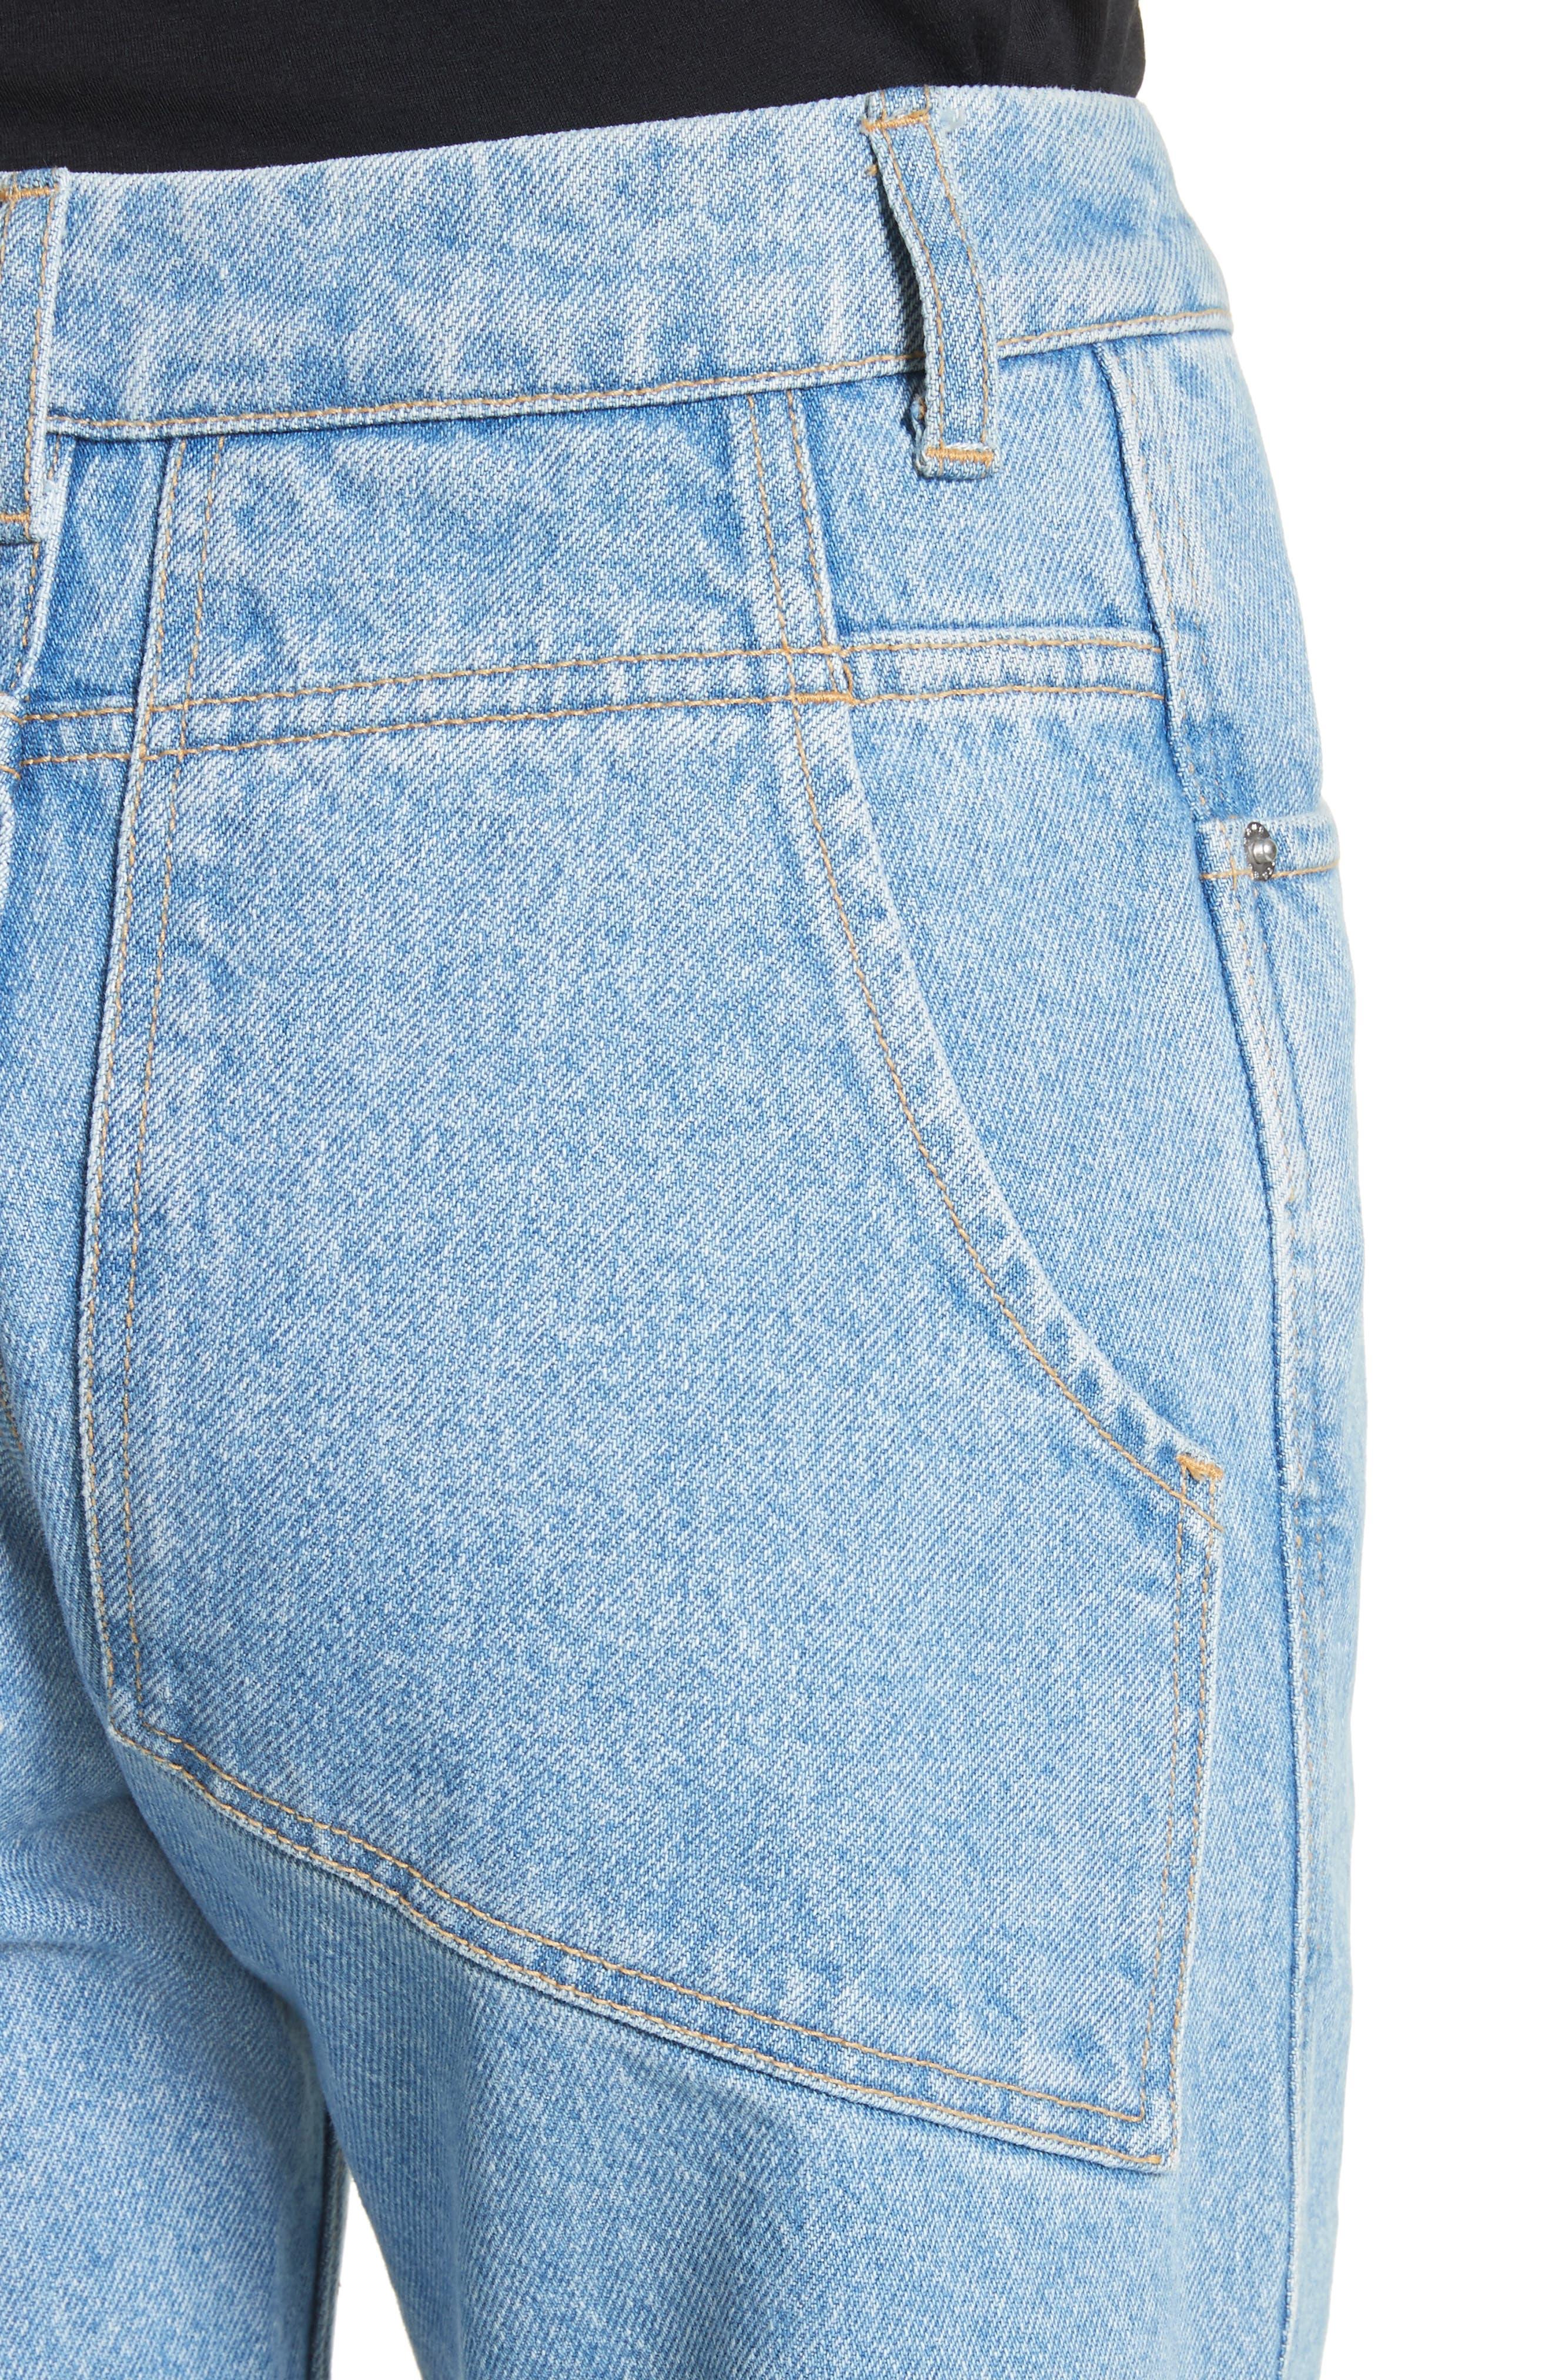 EL Wide Leg Jeans,                             Alternate thumbnail 4, color,                             400